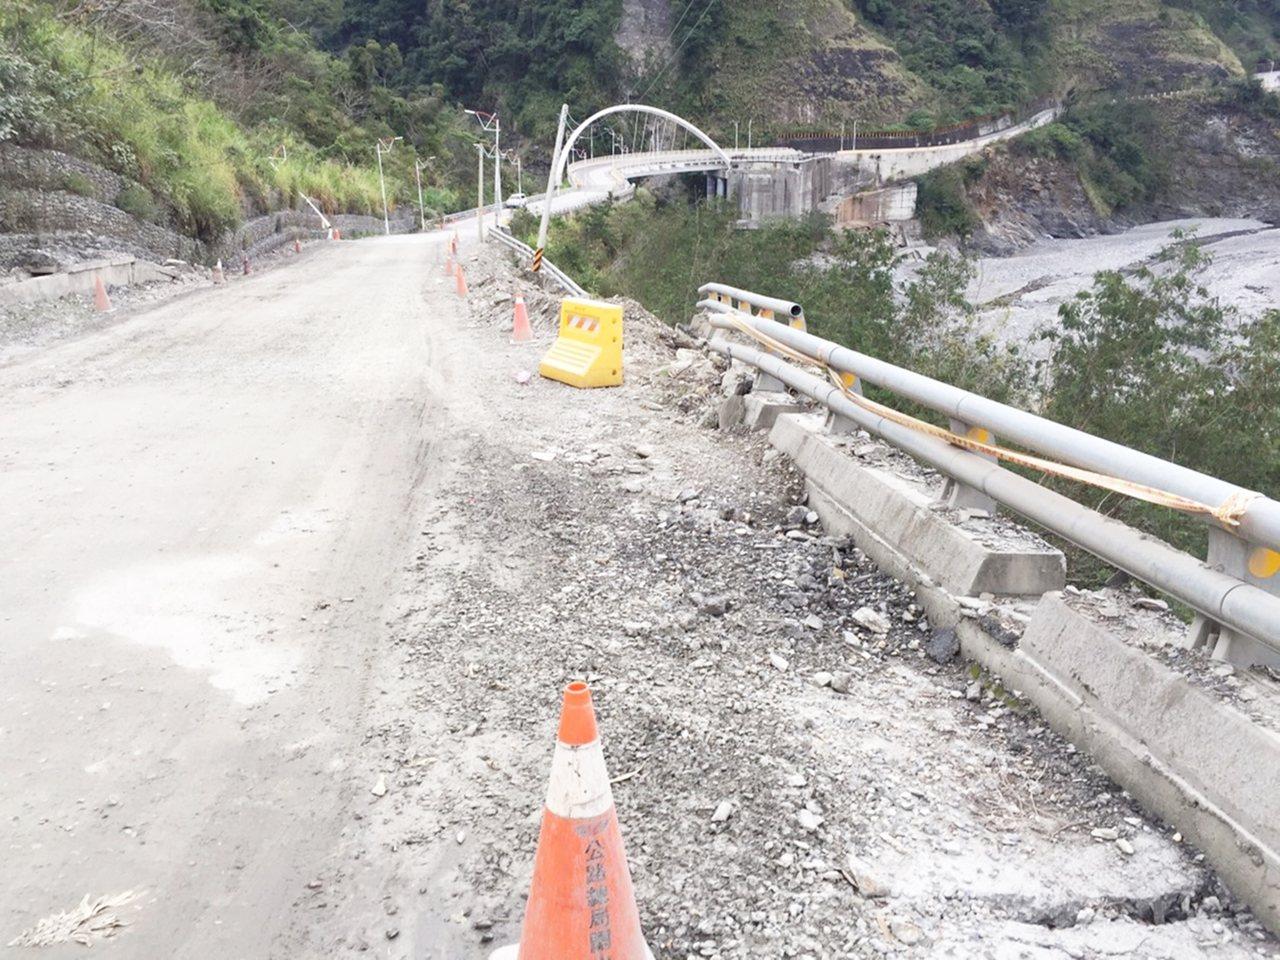 台東縣延平鄉內的松楓橋因105年10月豪雨引道局部受損。記者羅紹平/翻攝